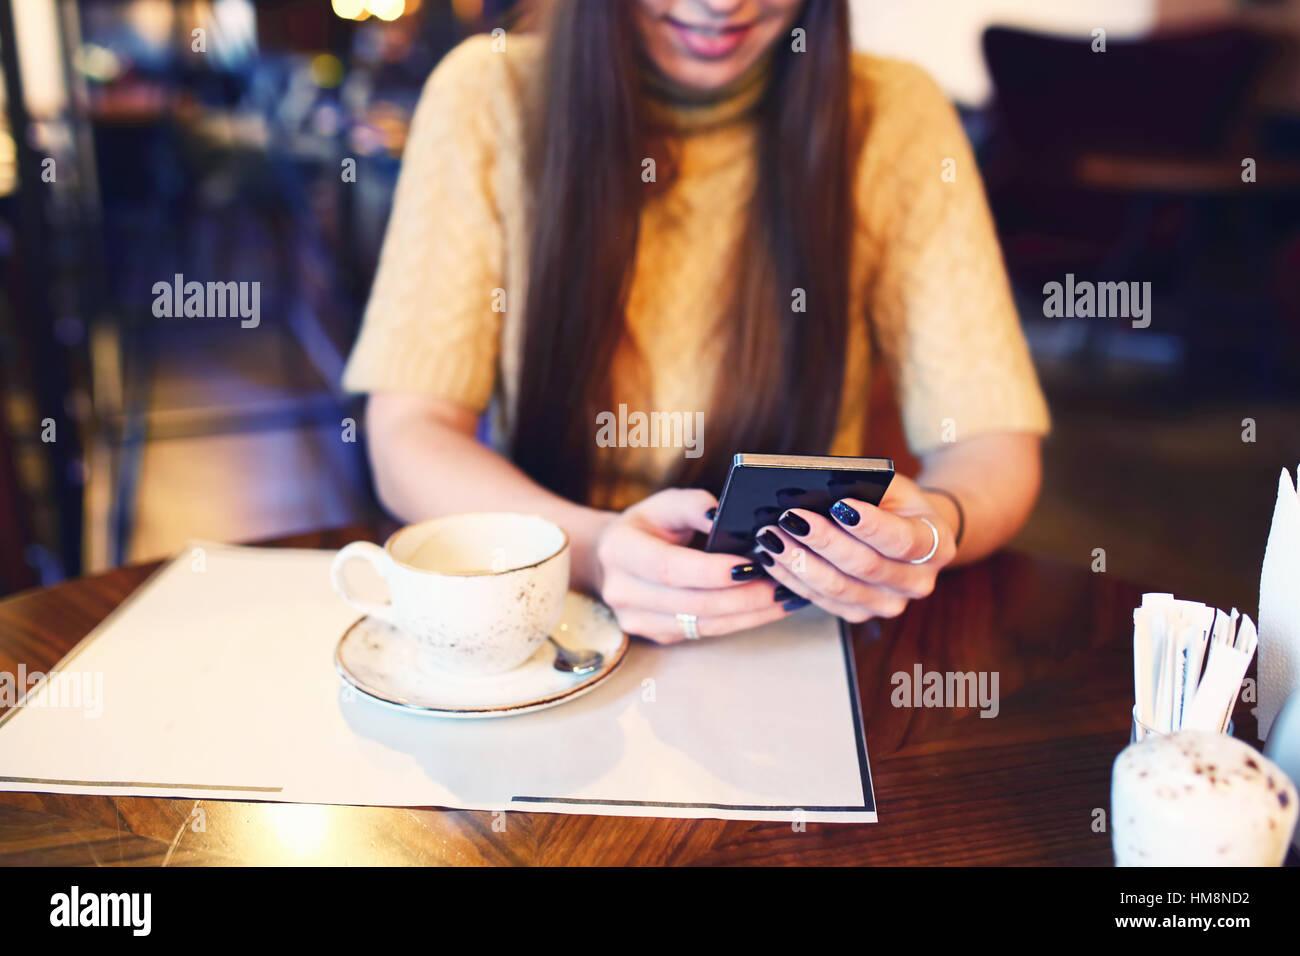 La donna la digitazione di un messaggio di testo sul telefono intelligente in un cafe'. Immagine ritagliata Immagini Stock